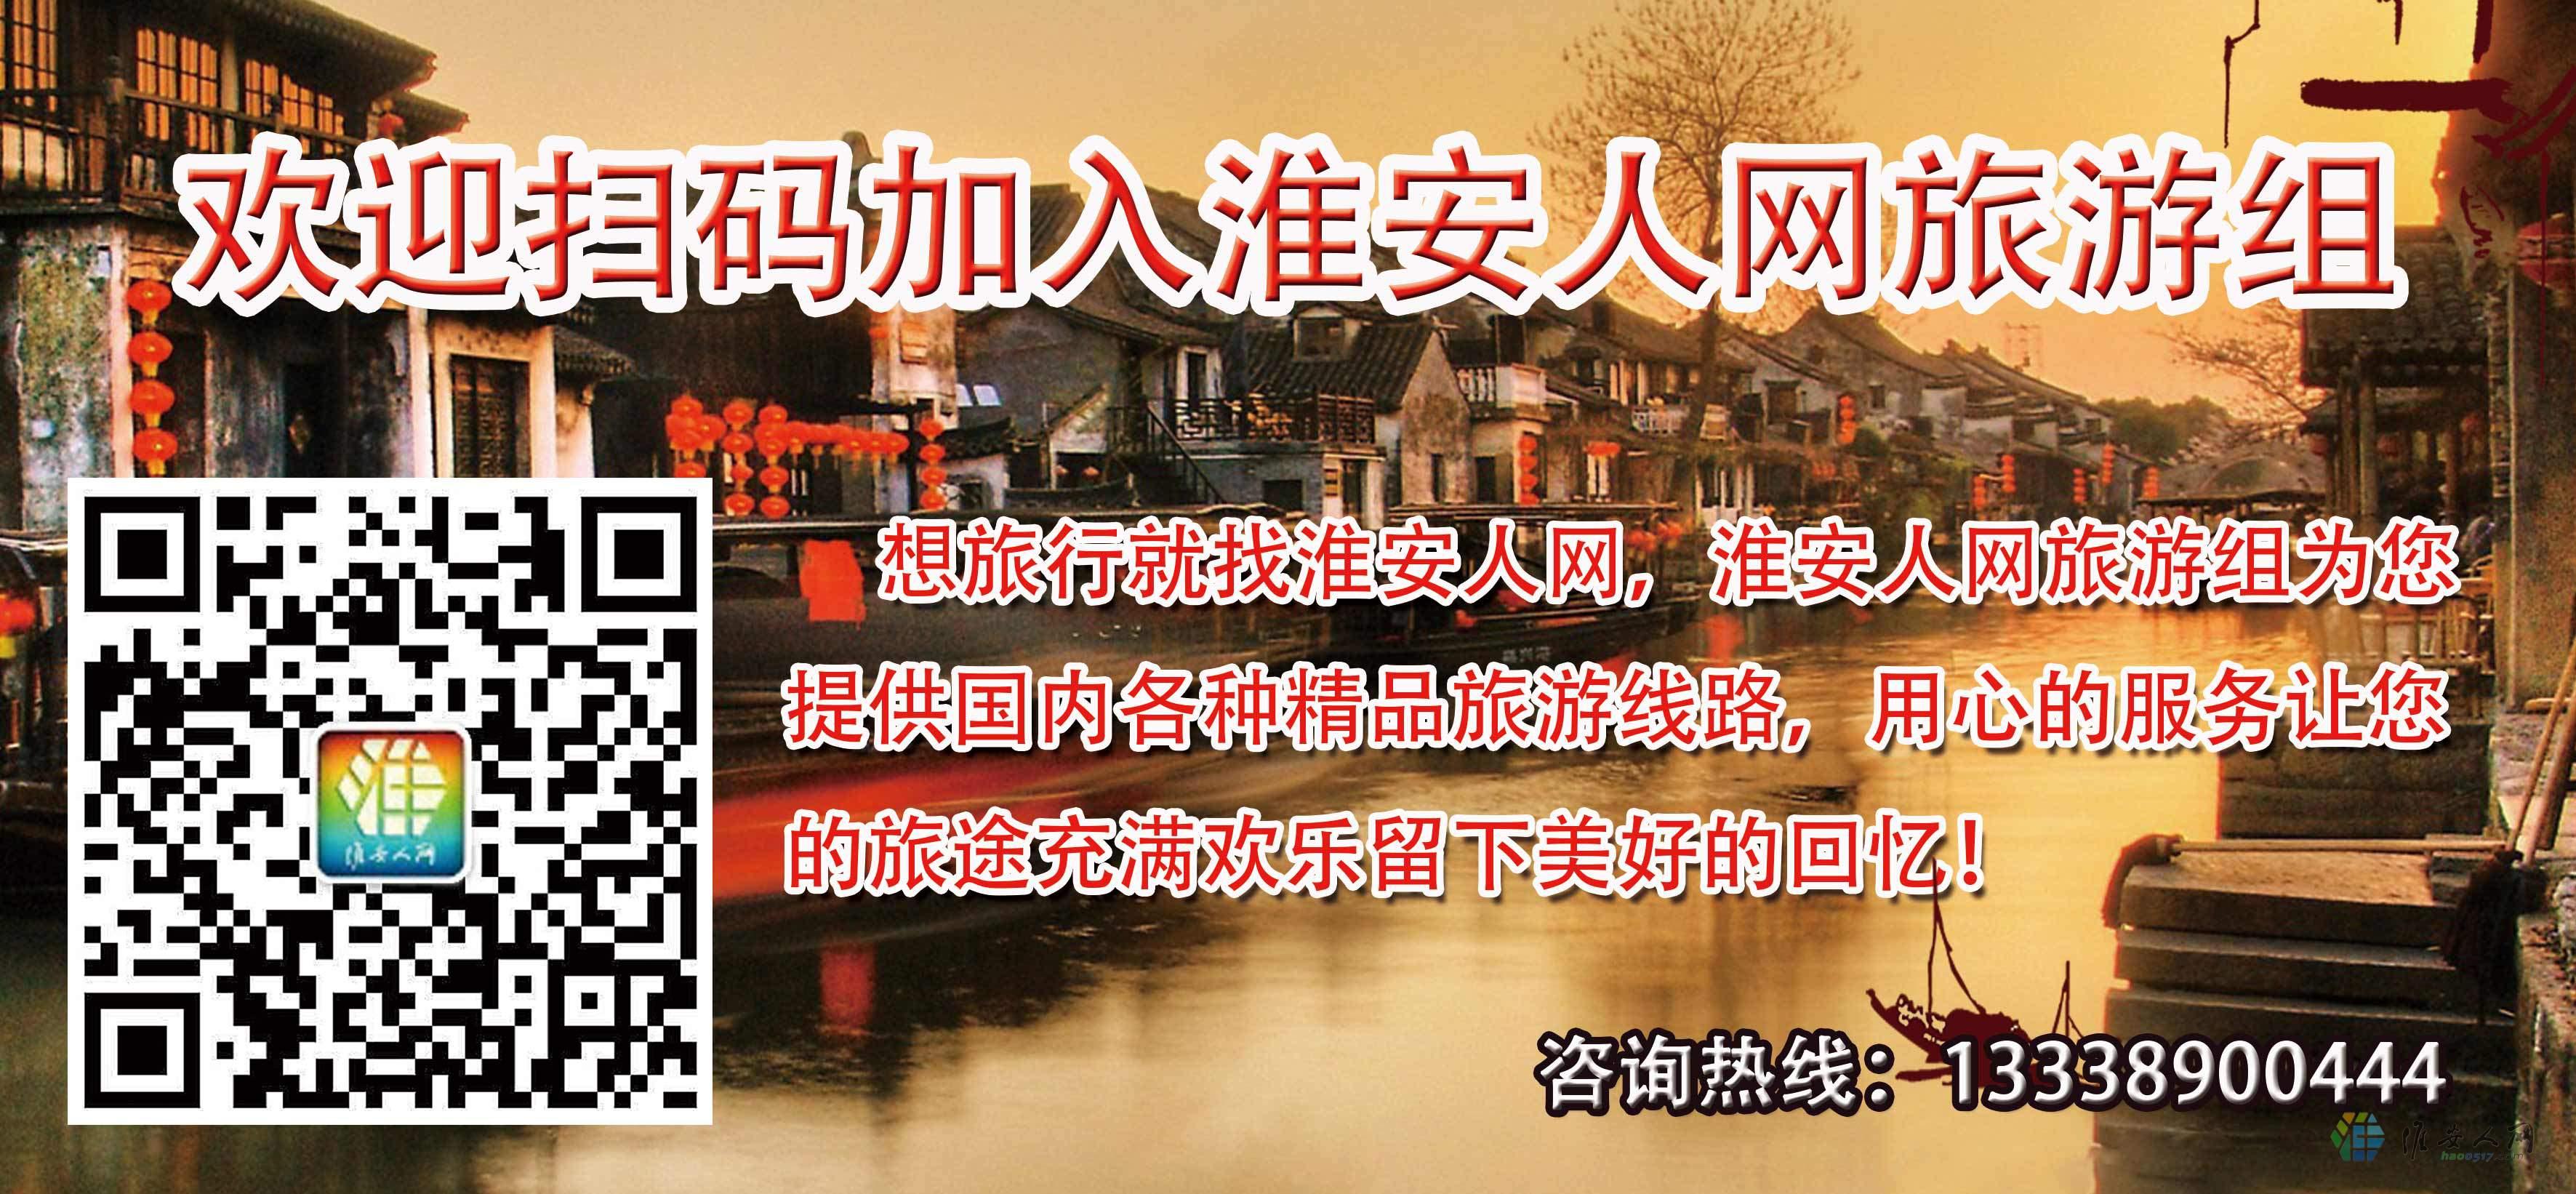 欢迎扫码加入淮安人网旅游组.jpg